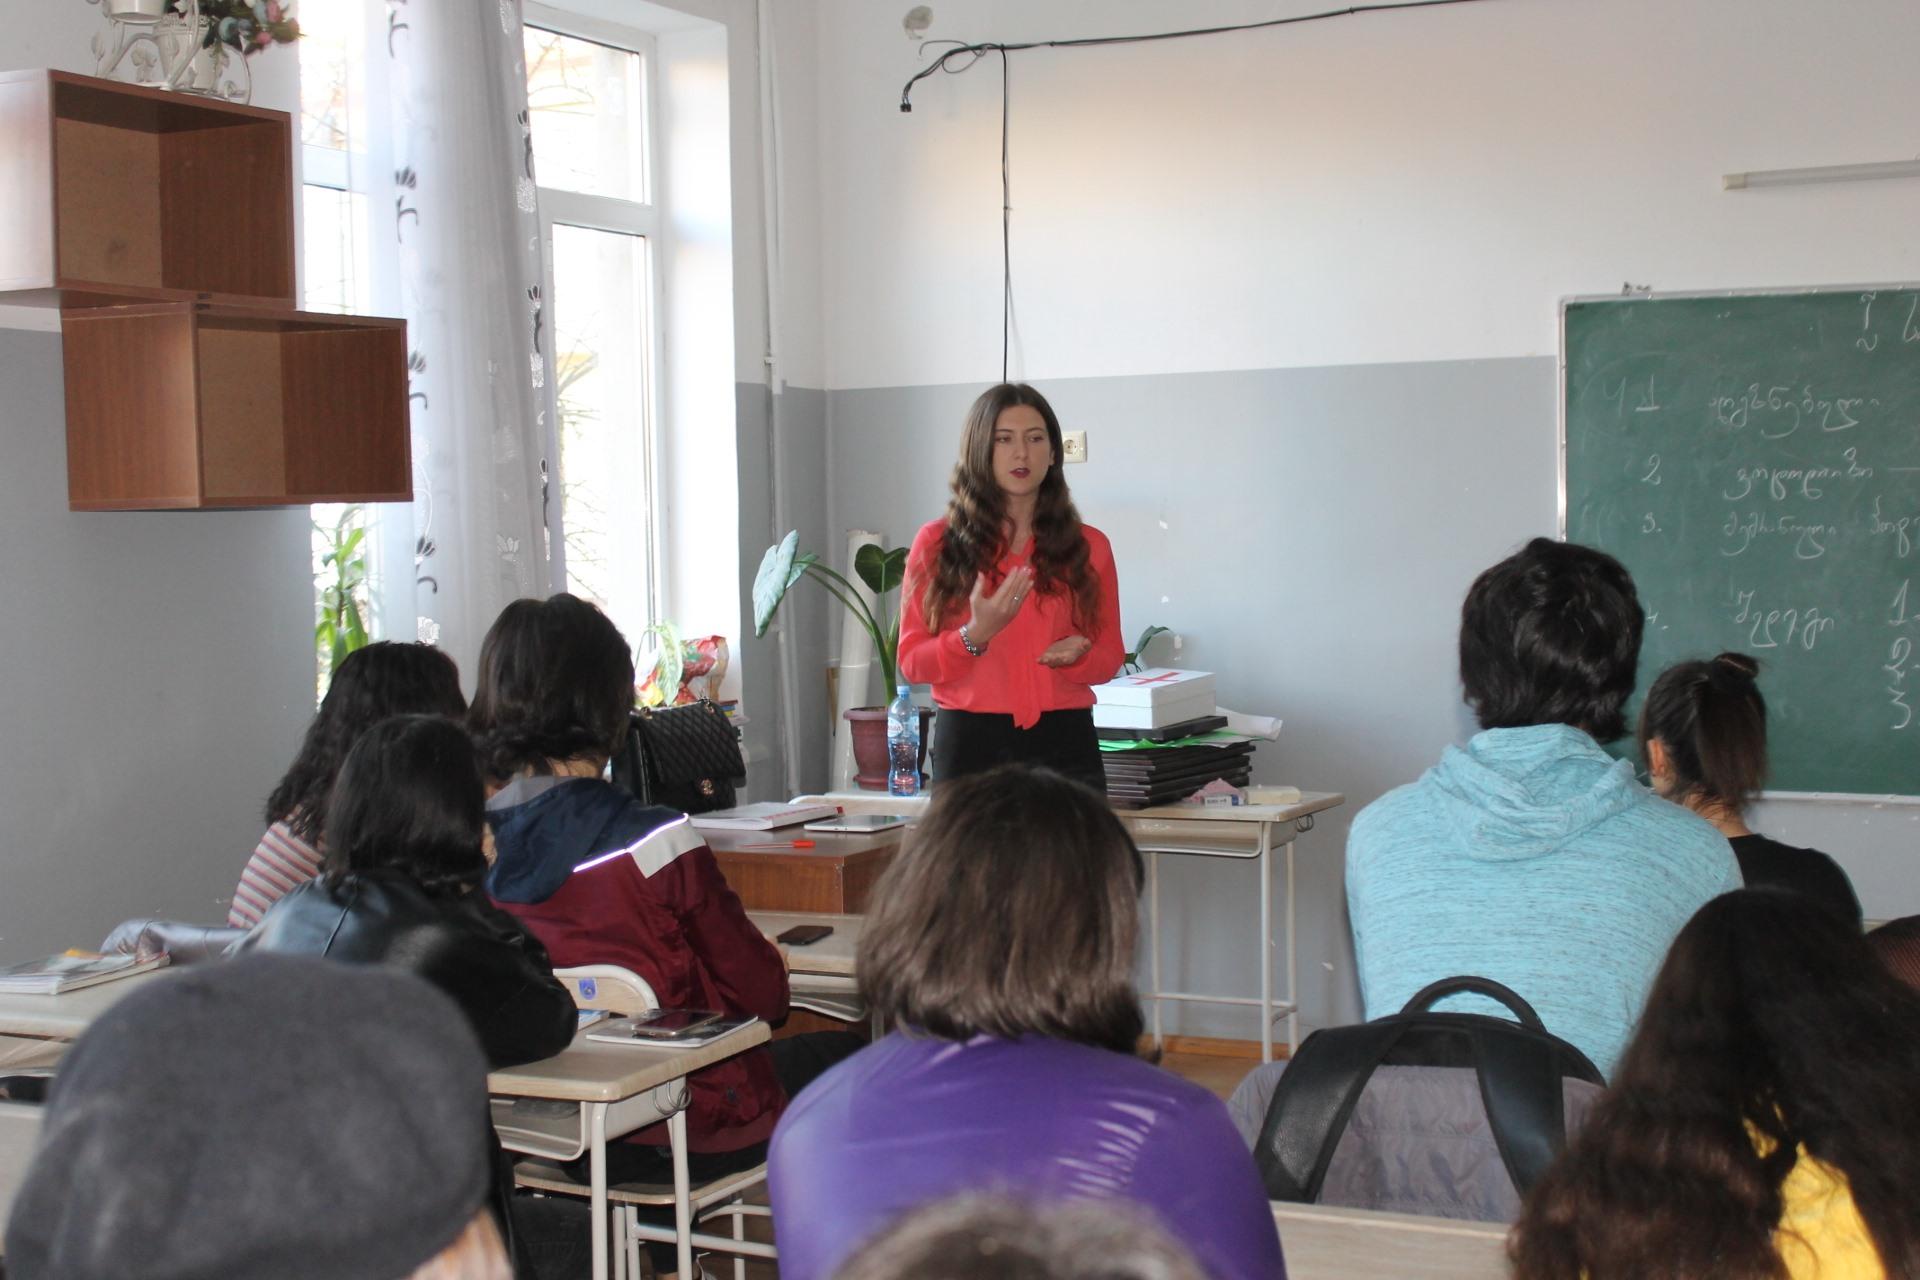 თანატოლთა განათლების ტრენინგი ქალთა უფლებებზე